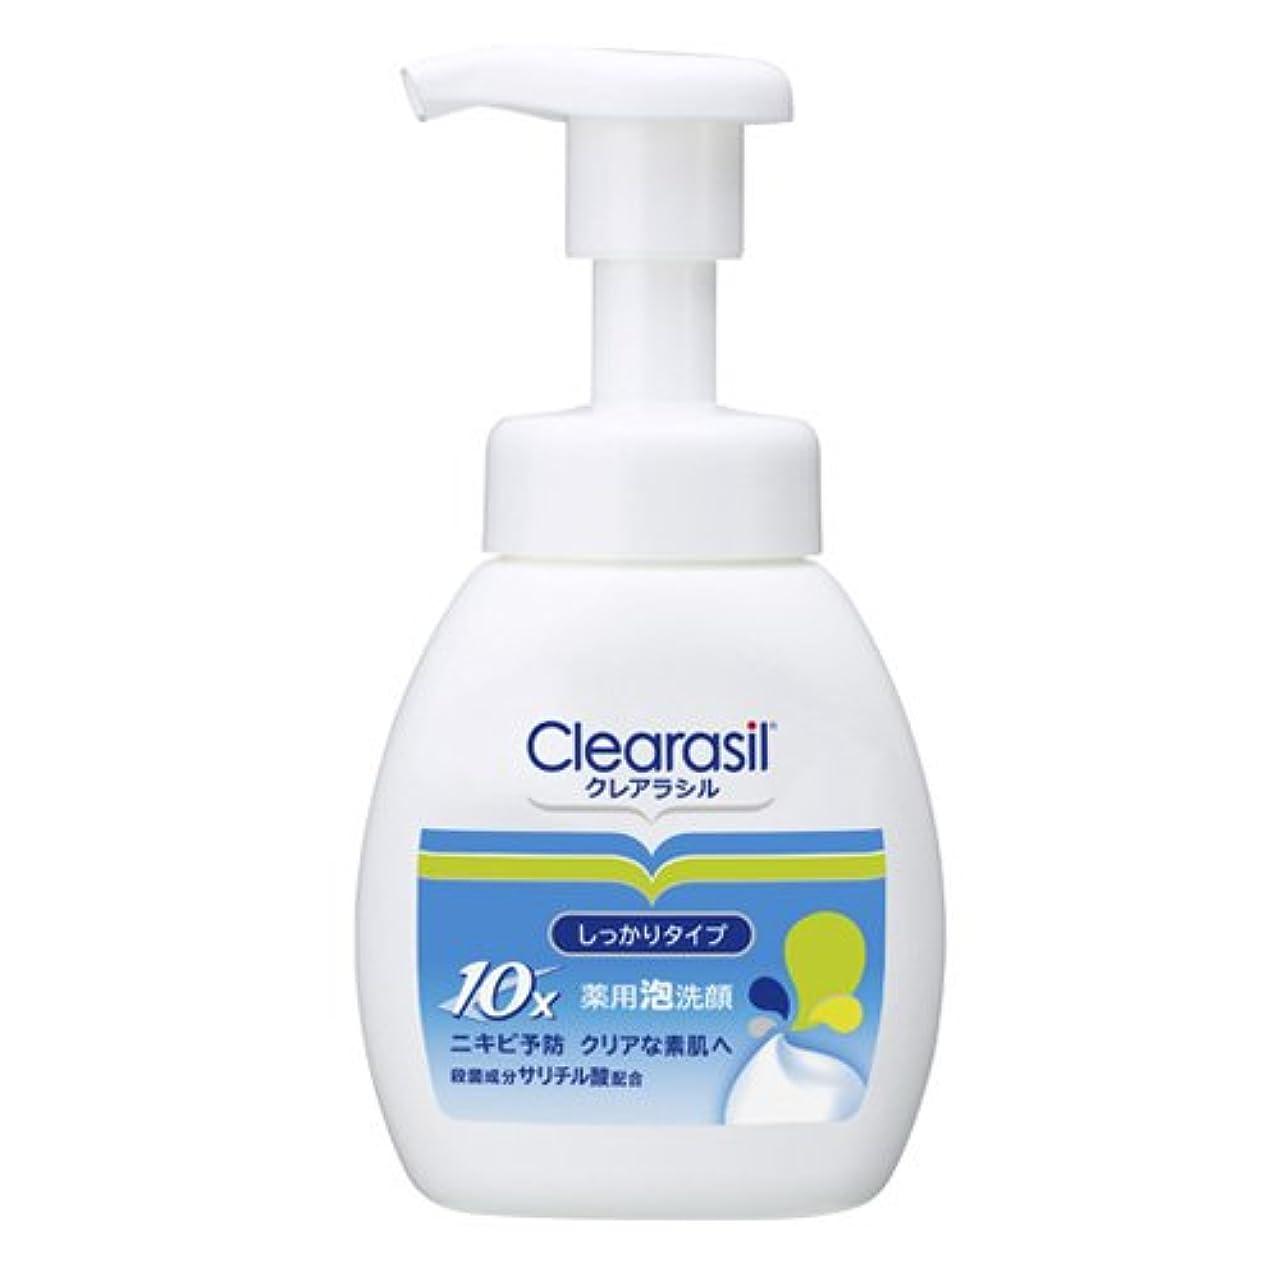 戦術偽物もっと【clearasil】クレアラシル 薬用泡洗顔フォーム10 (200ml)